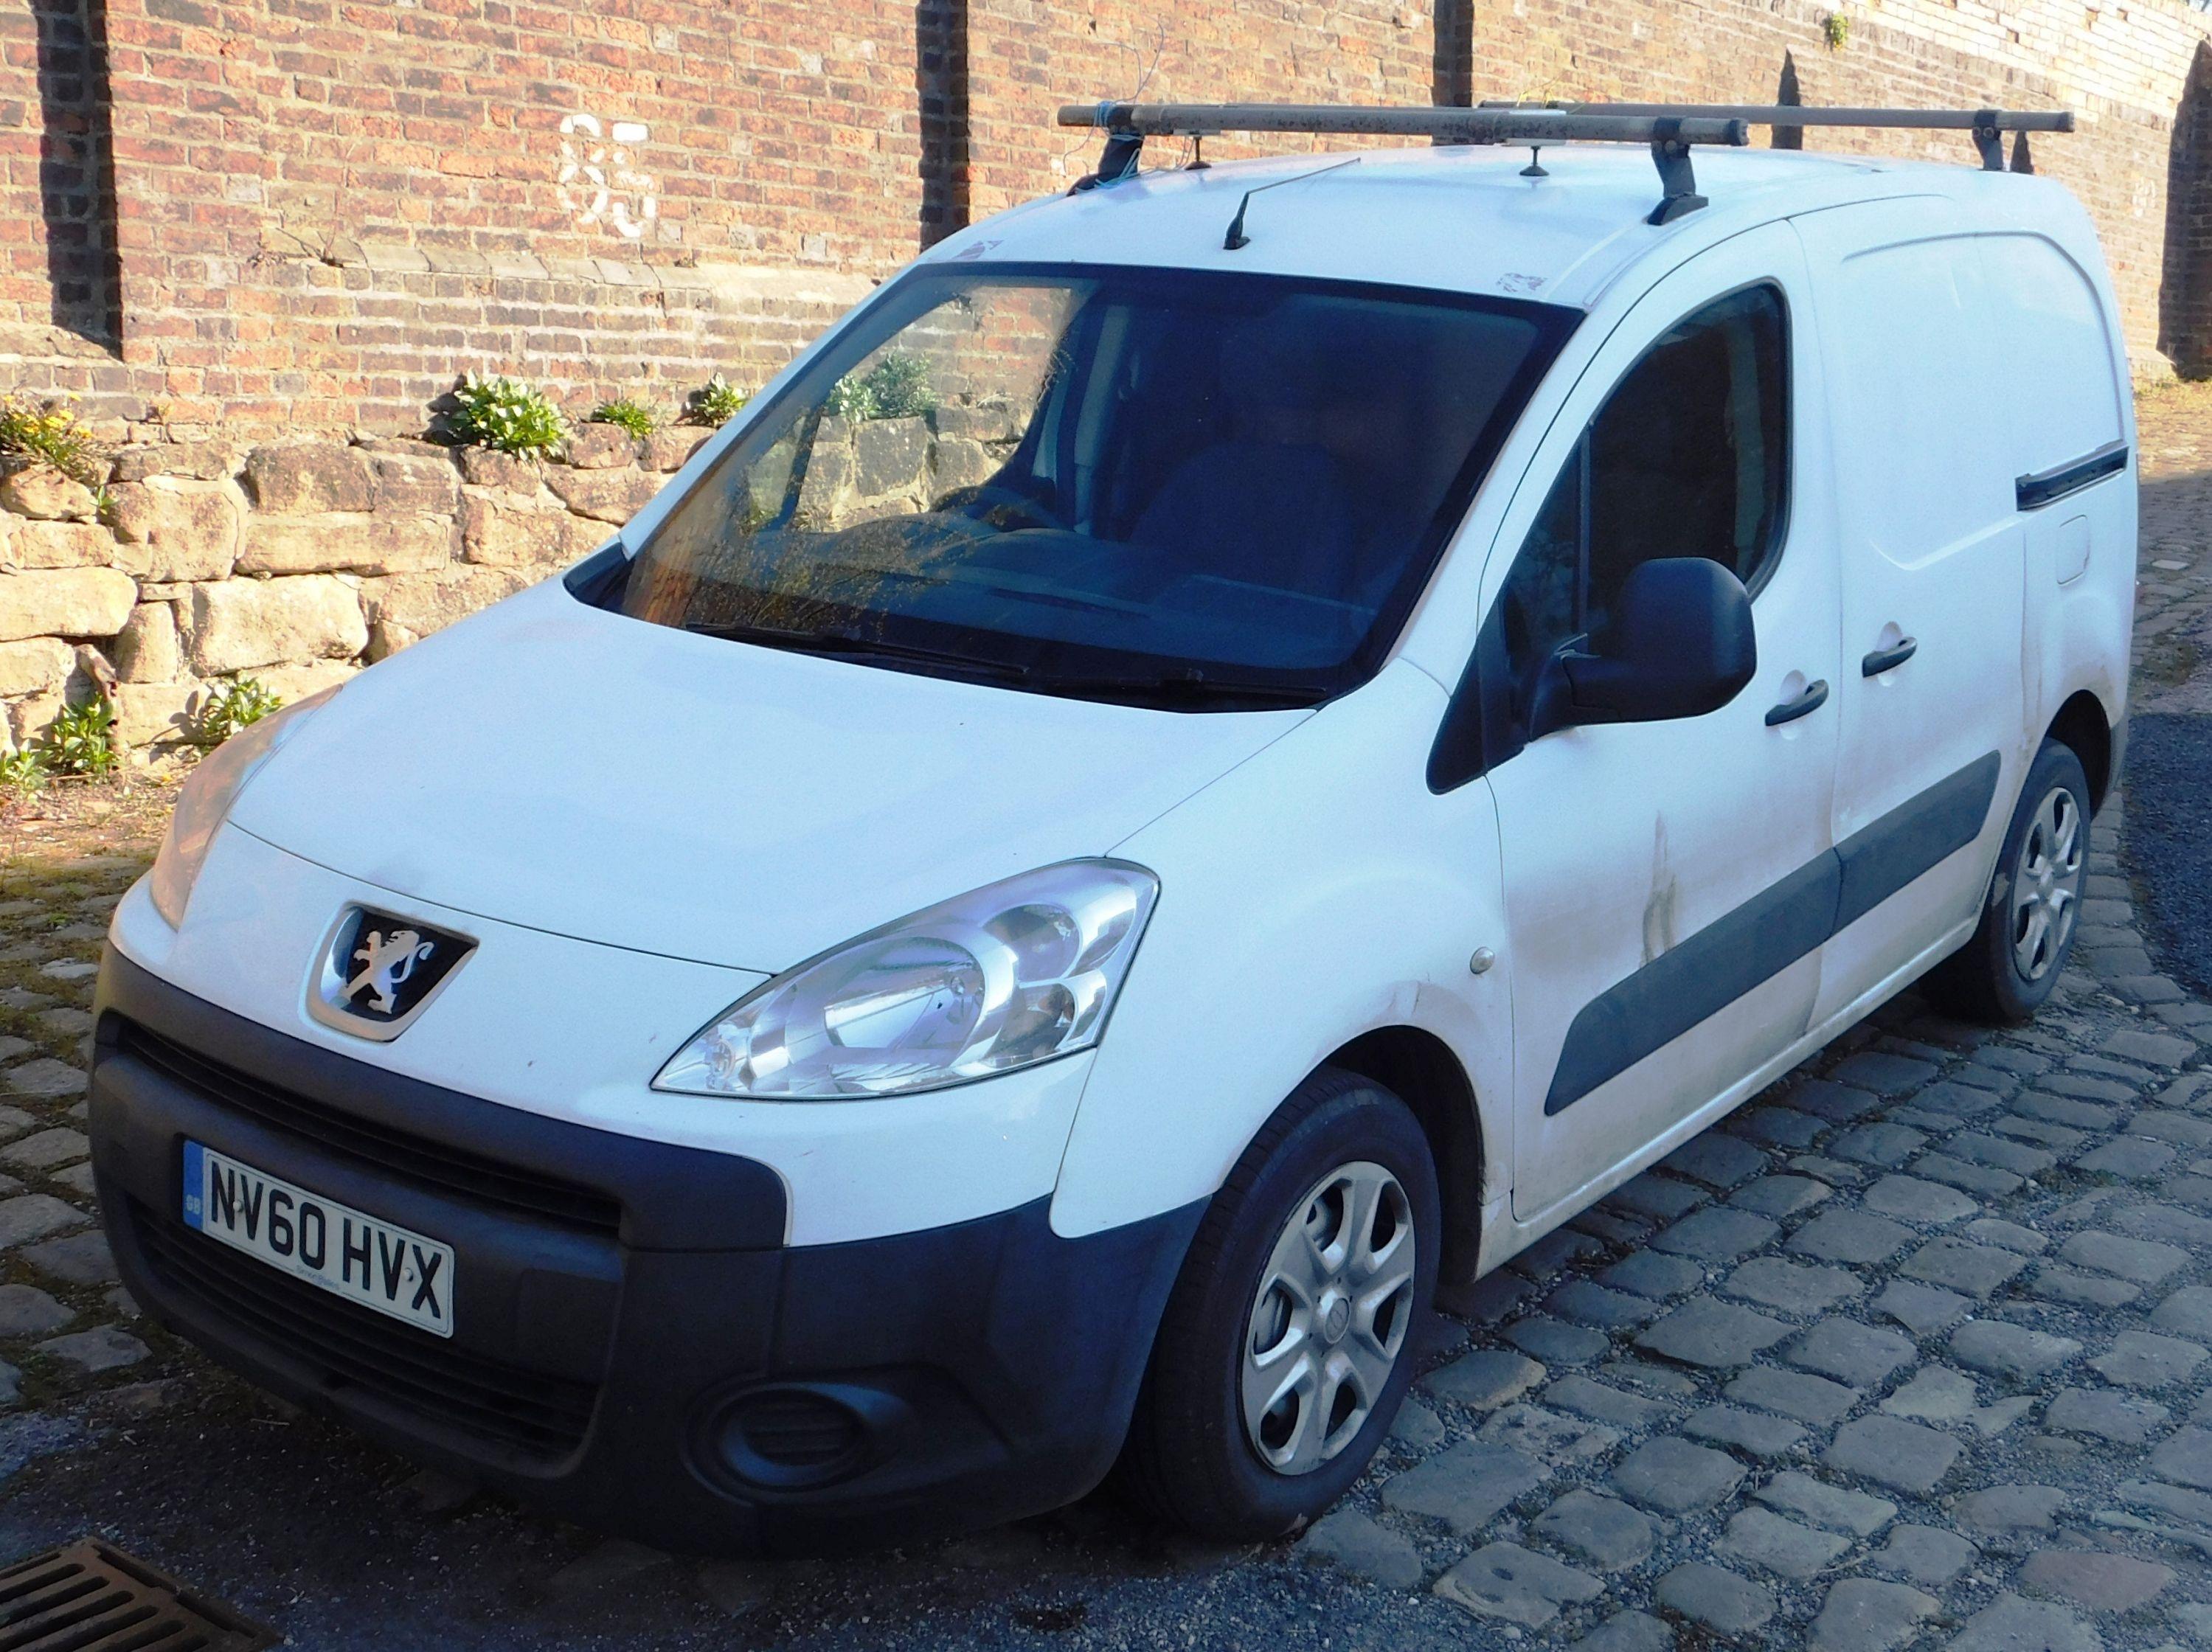 Leichte Nutzfahrzeuge - A N Hobson Electrical Limited (vorgeschlagene Liquidation)